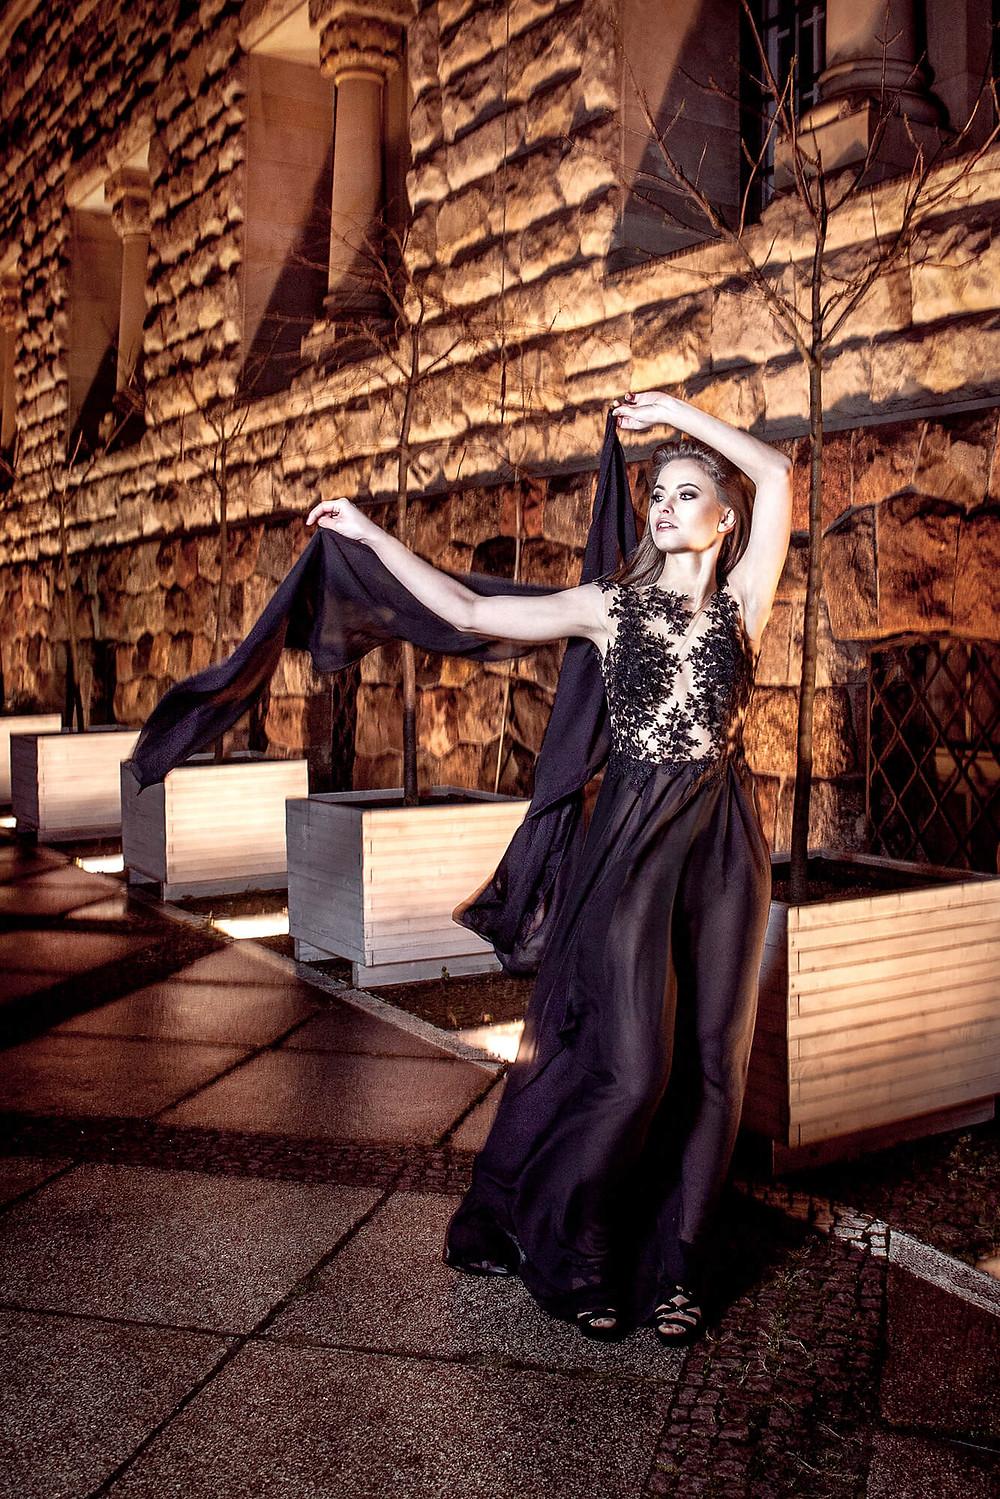 Edytorial fashion, modelka biegnie w długiej, czarnej sukni